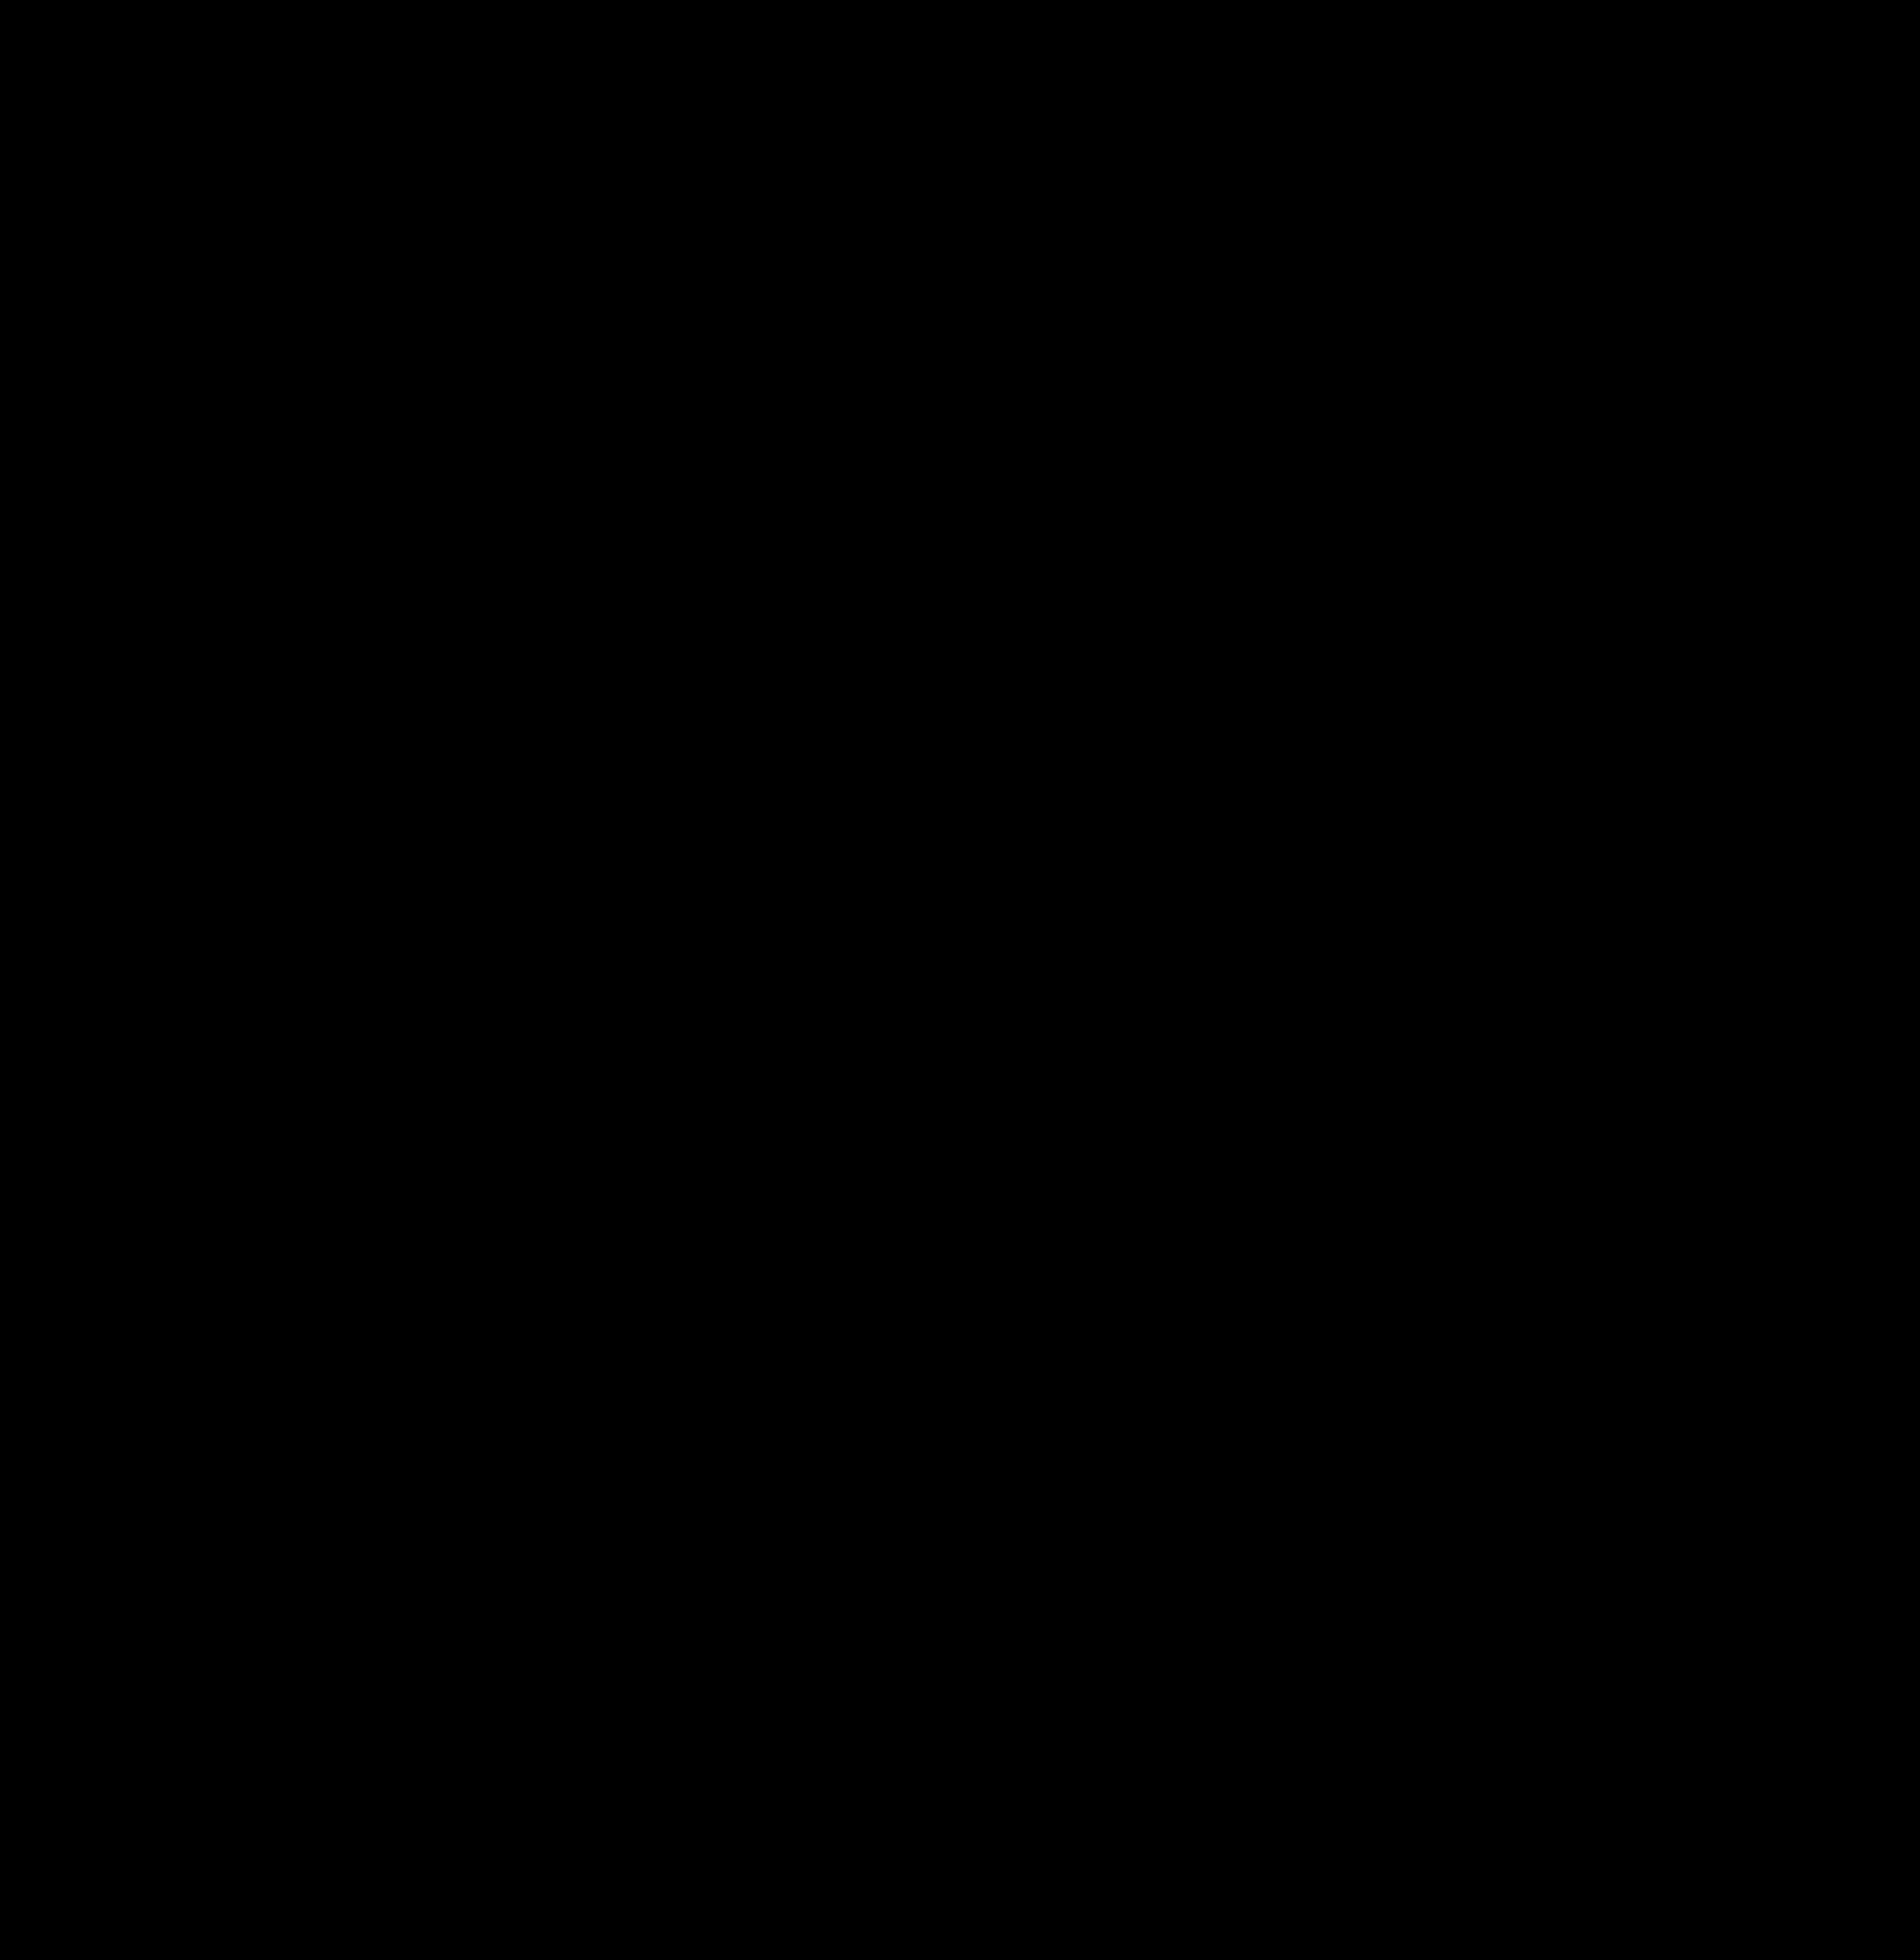 Peugeot-Brand-Logo-RVB-WBG